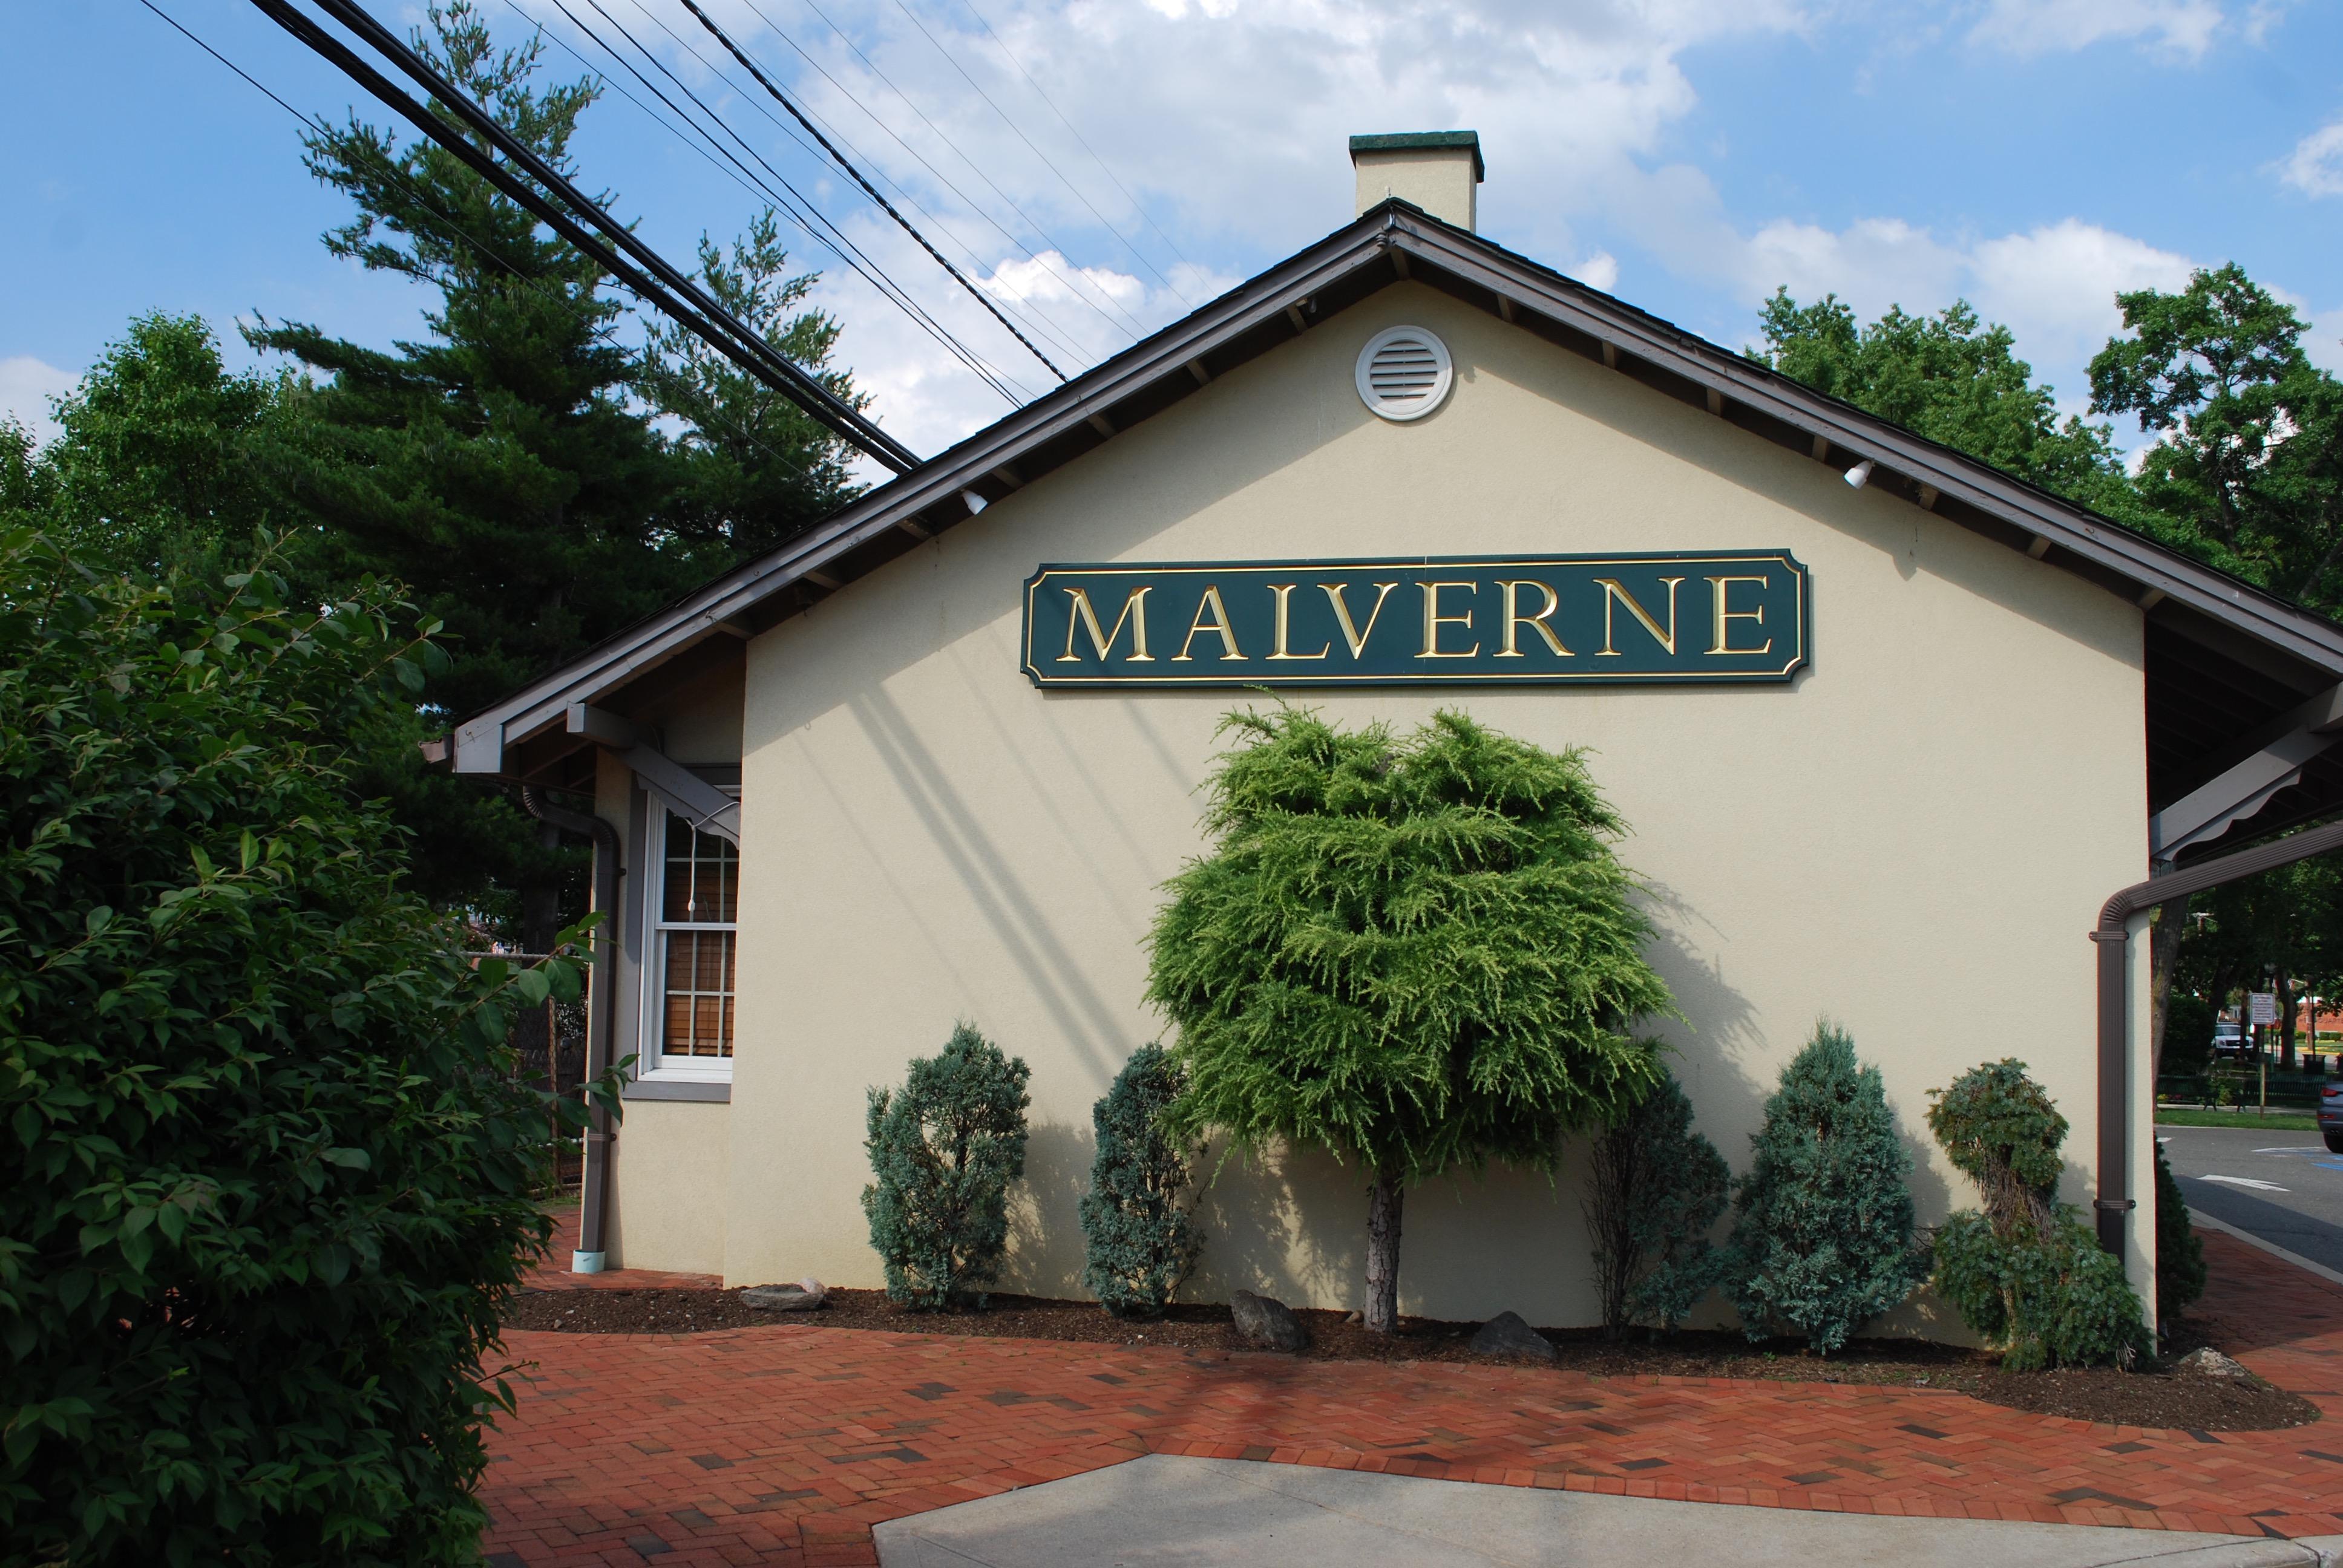 Malverne Train Station